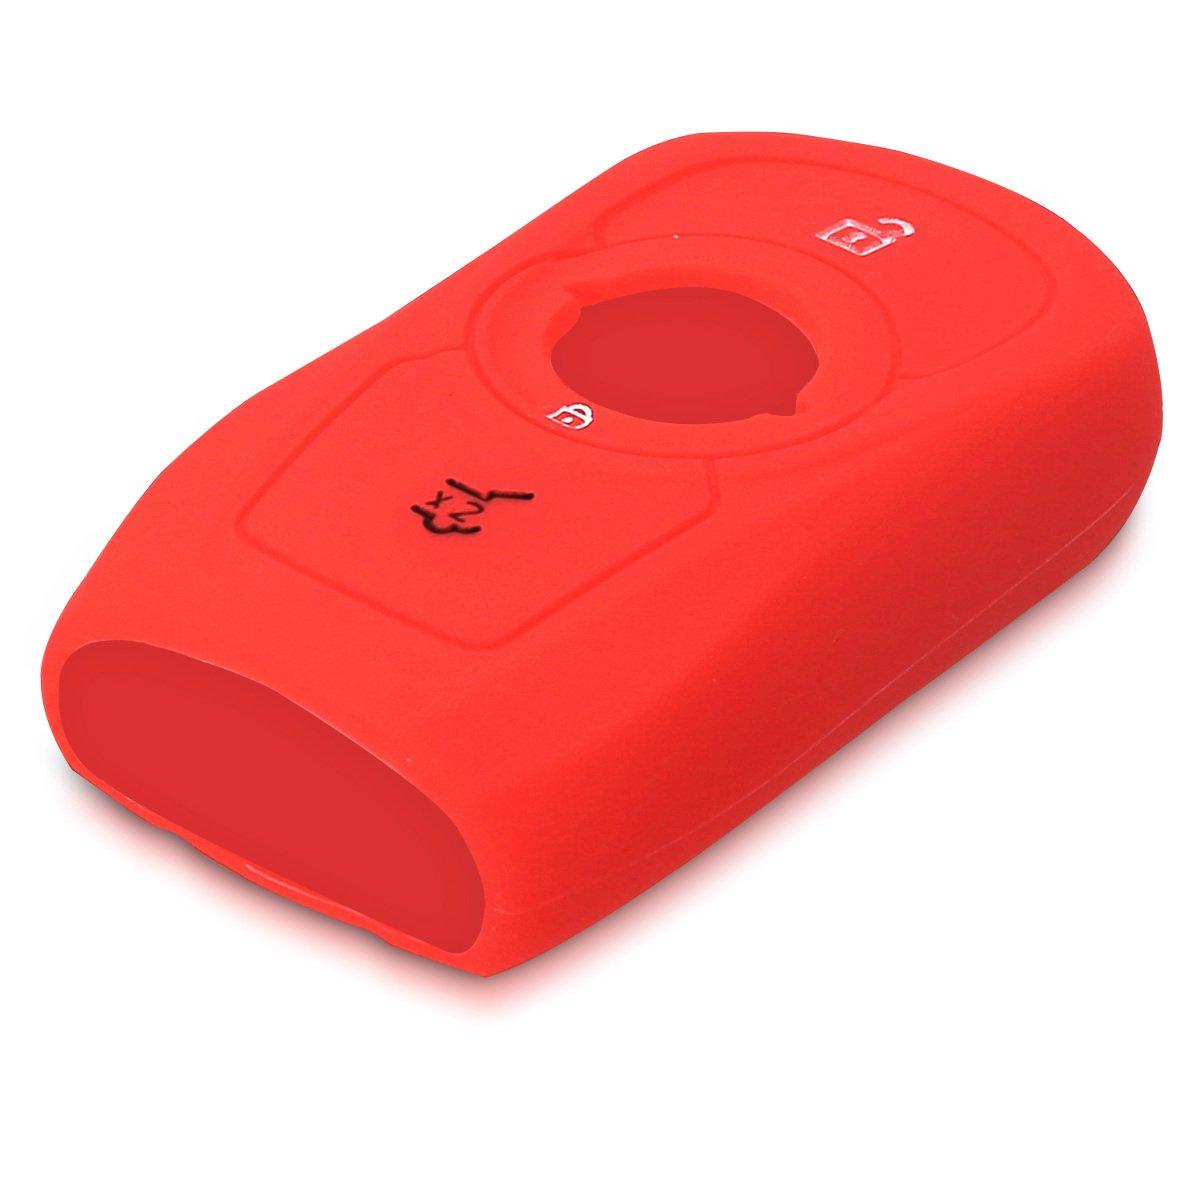 Keyless Go Uniquement kwmobile Accessoire cl/é de Voiture pour Opel Coque pour Clef de Voiture Smart Key Opel 3-Bouton en Silicone Noir /Étui de Protection Souple